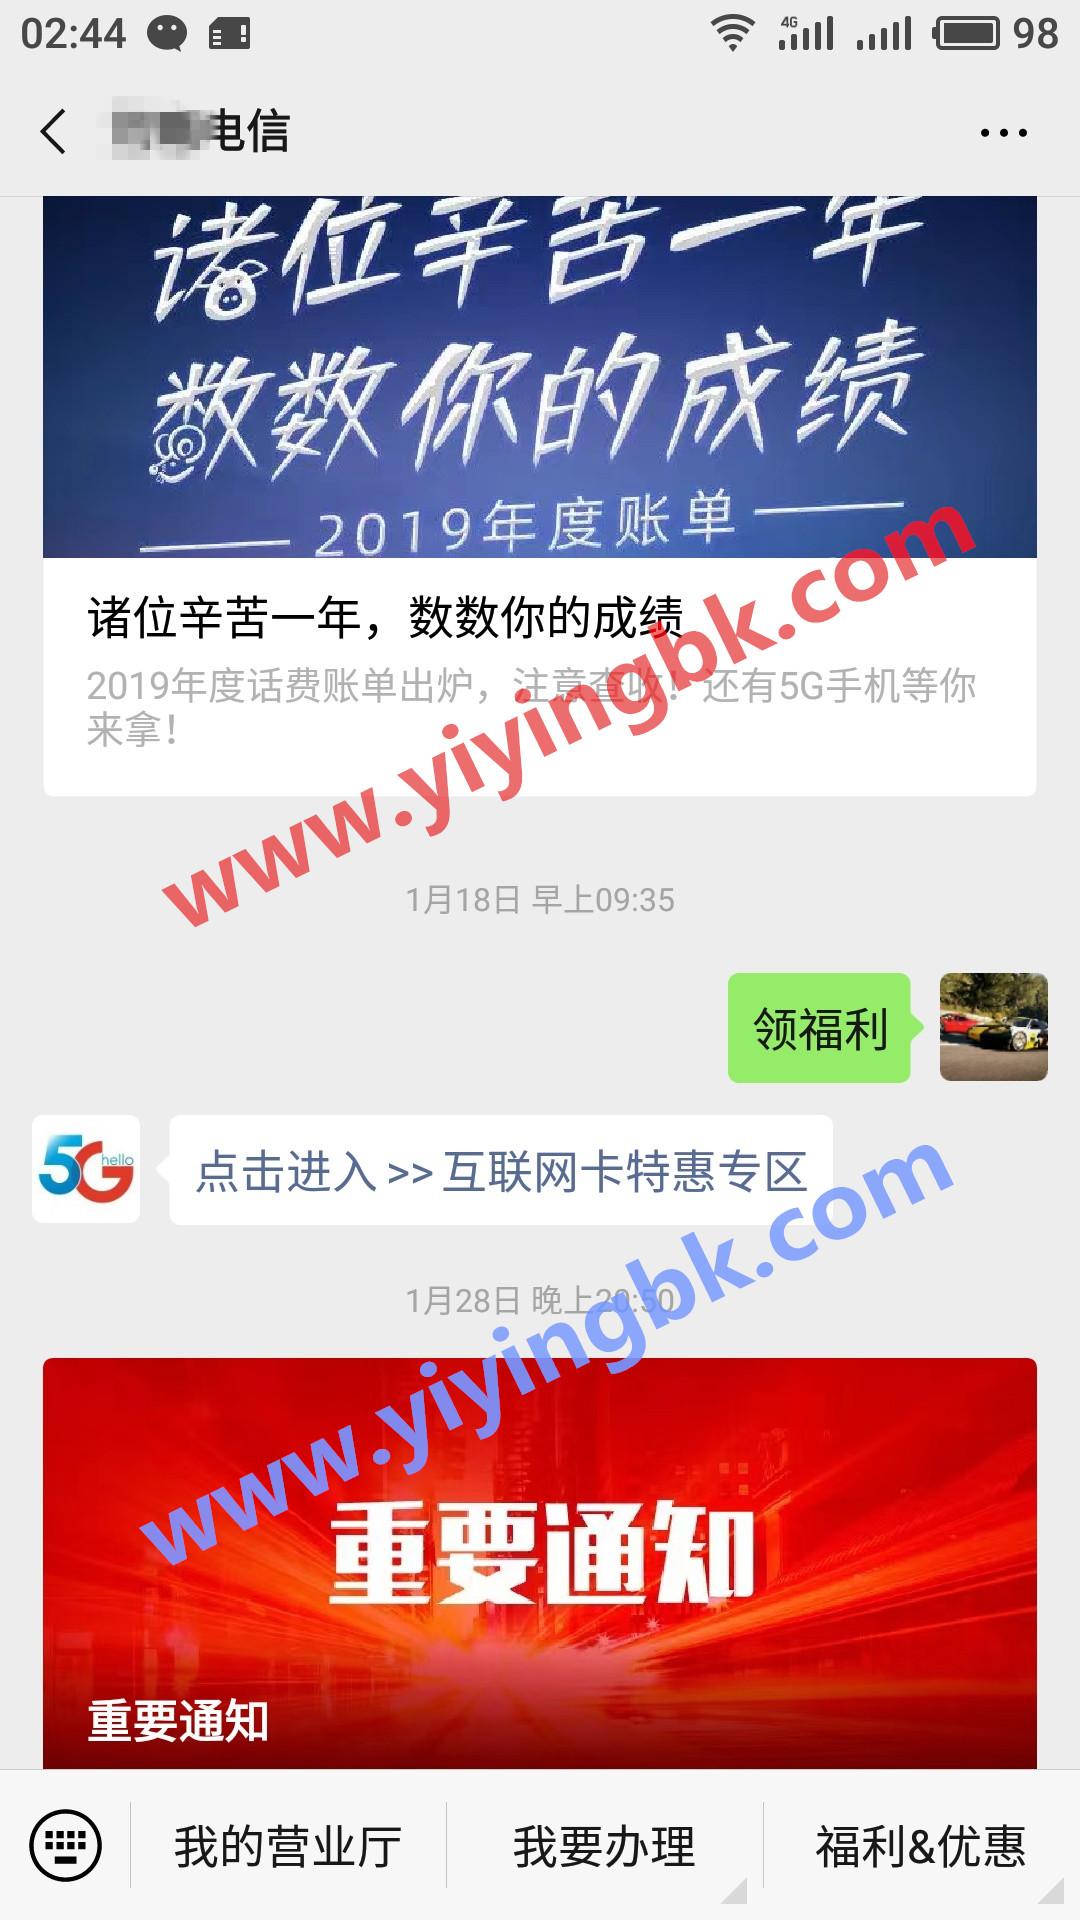 中国电信互联网卡特惠专区,我第二次充50得100元,微信钱扣了,话费却没有到账!